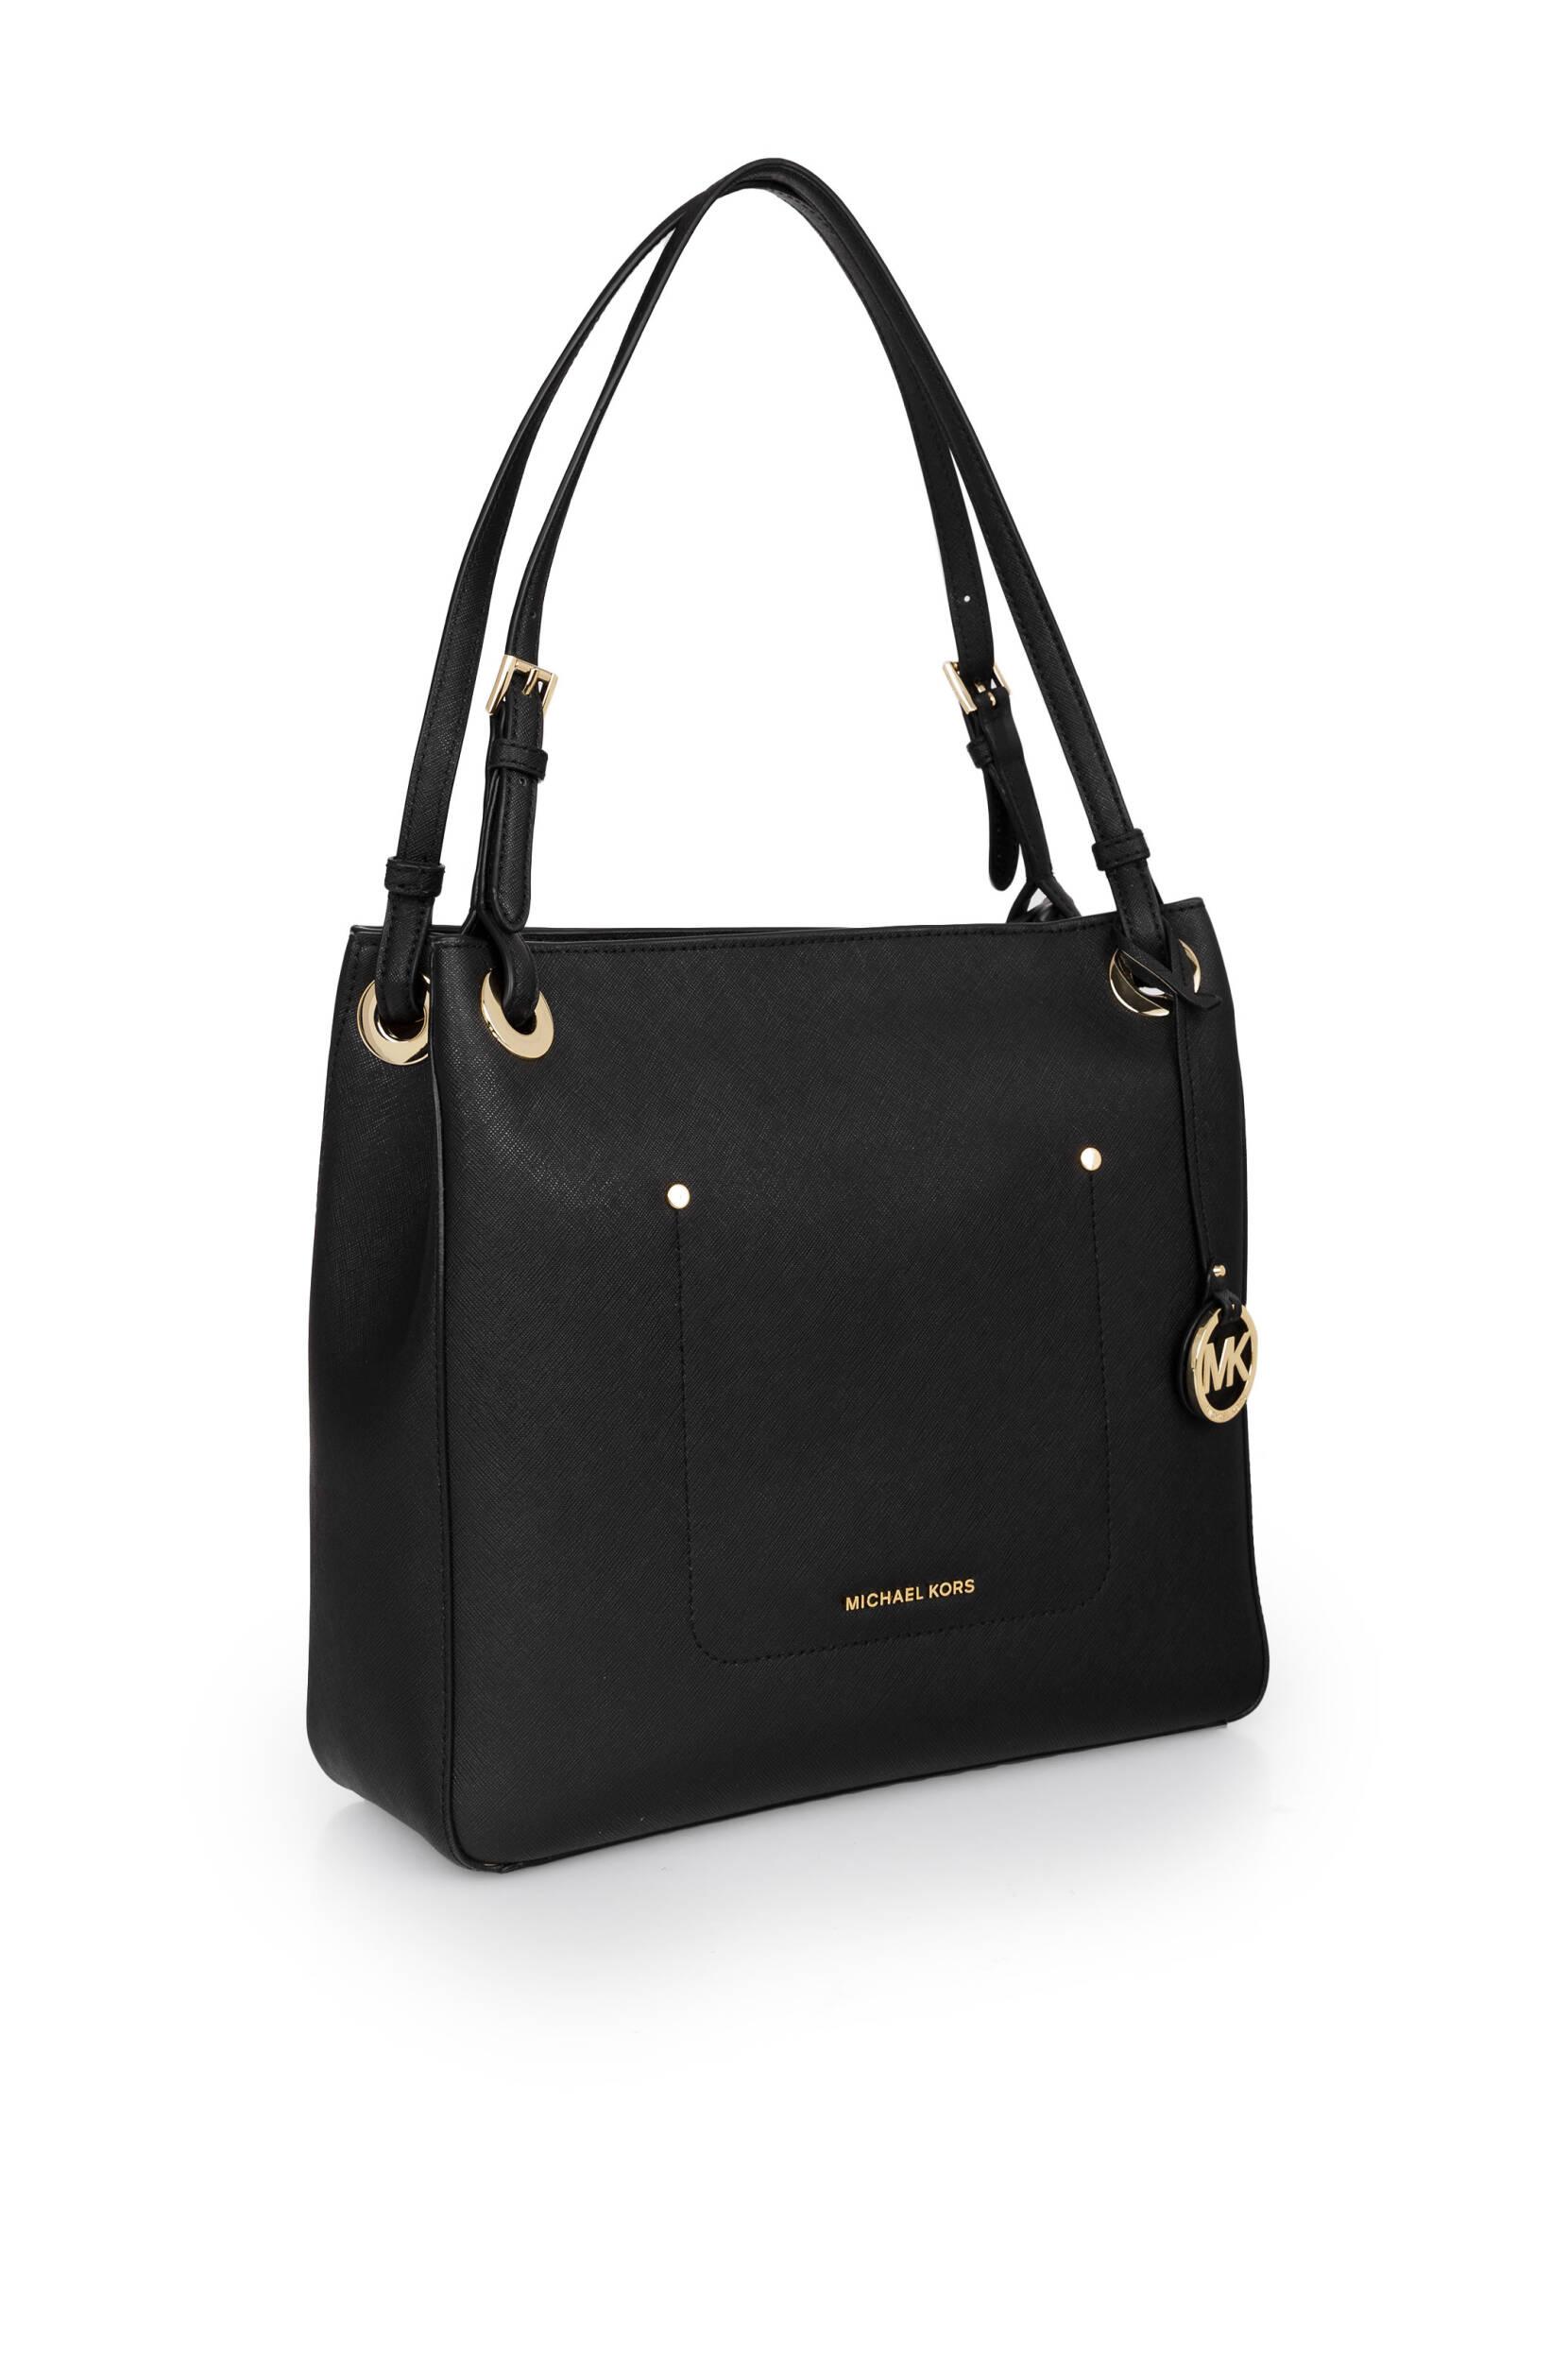 walsh shopper bag michael kors black bags. Black Bedroom Furniture Sets. Home Design Ideas